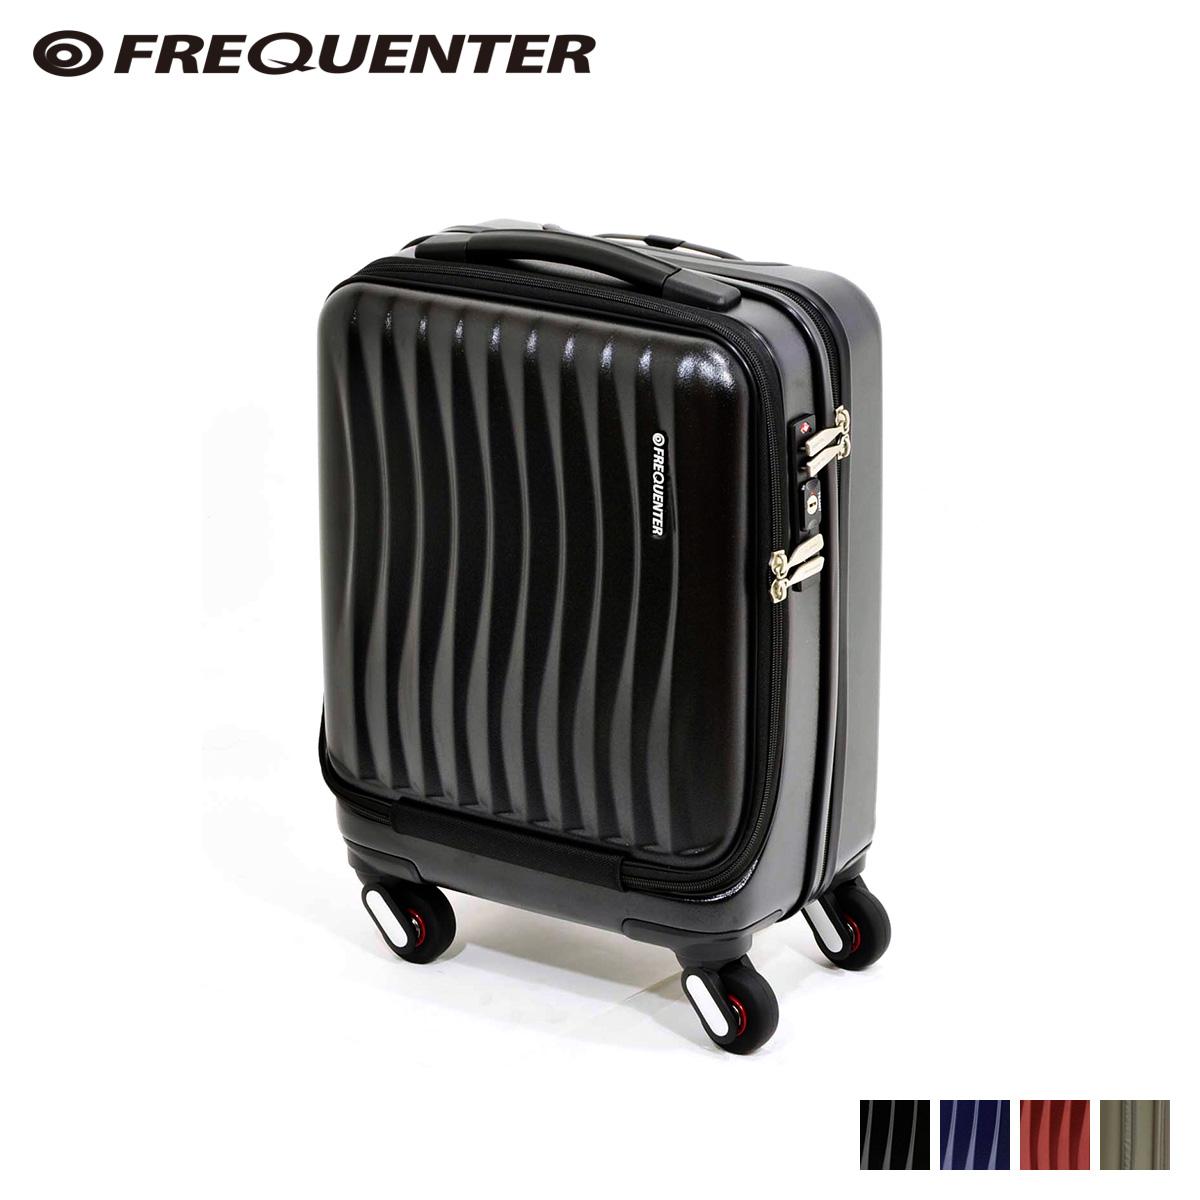 一番人気物 FREQUENTER フリクエンター スーツケース キャリーケース キャリーバッグ クラム アドバンス 23L メンズ 機内持ち込み ハード CLAM ADVANCE ブラック ネイビー ワインレッド シャンパン ゴールド 黒 1-217, ラブラブ 60104ff9